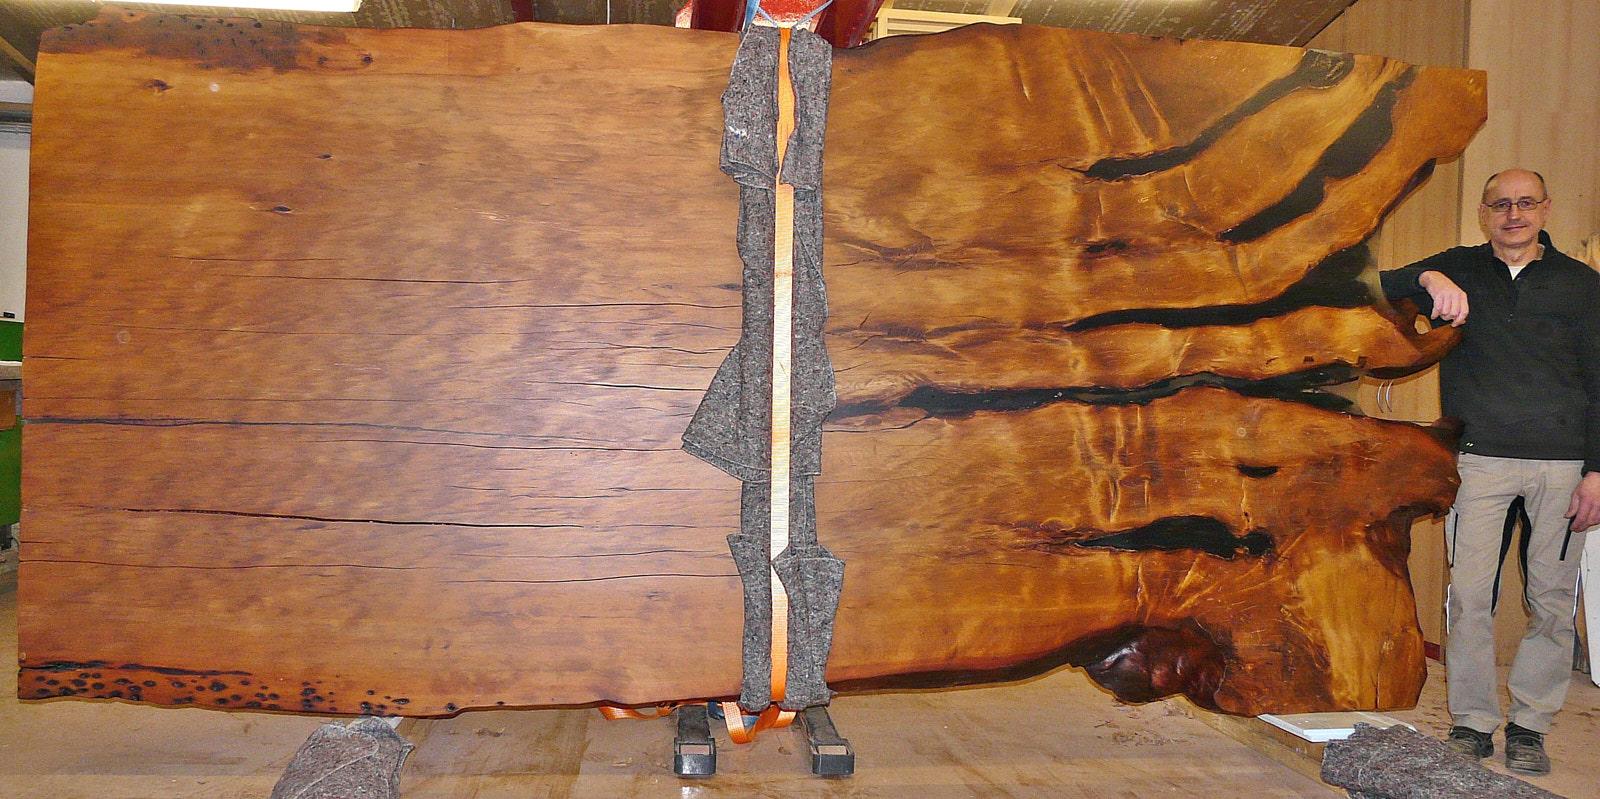 Große Konferenz Tischplatte aus altem Kauri Holz, ein einzigartiger Holztisch als außergewöhnliches Natur Kunstwerk von Beaupoil